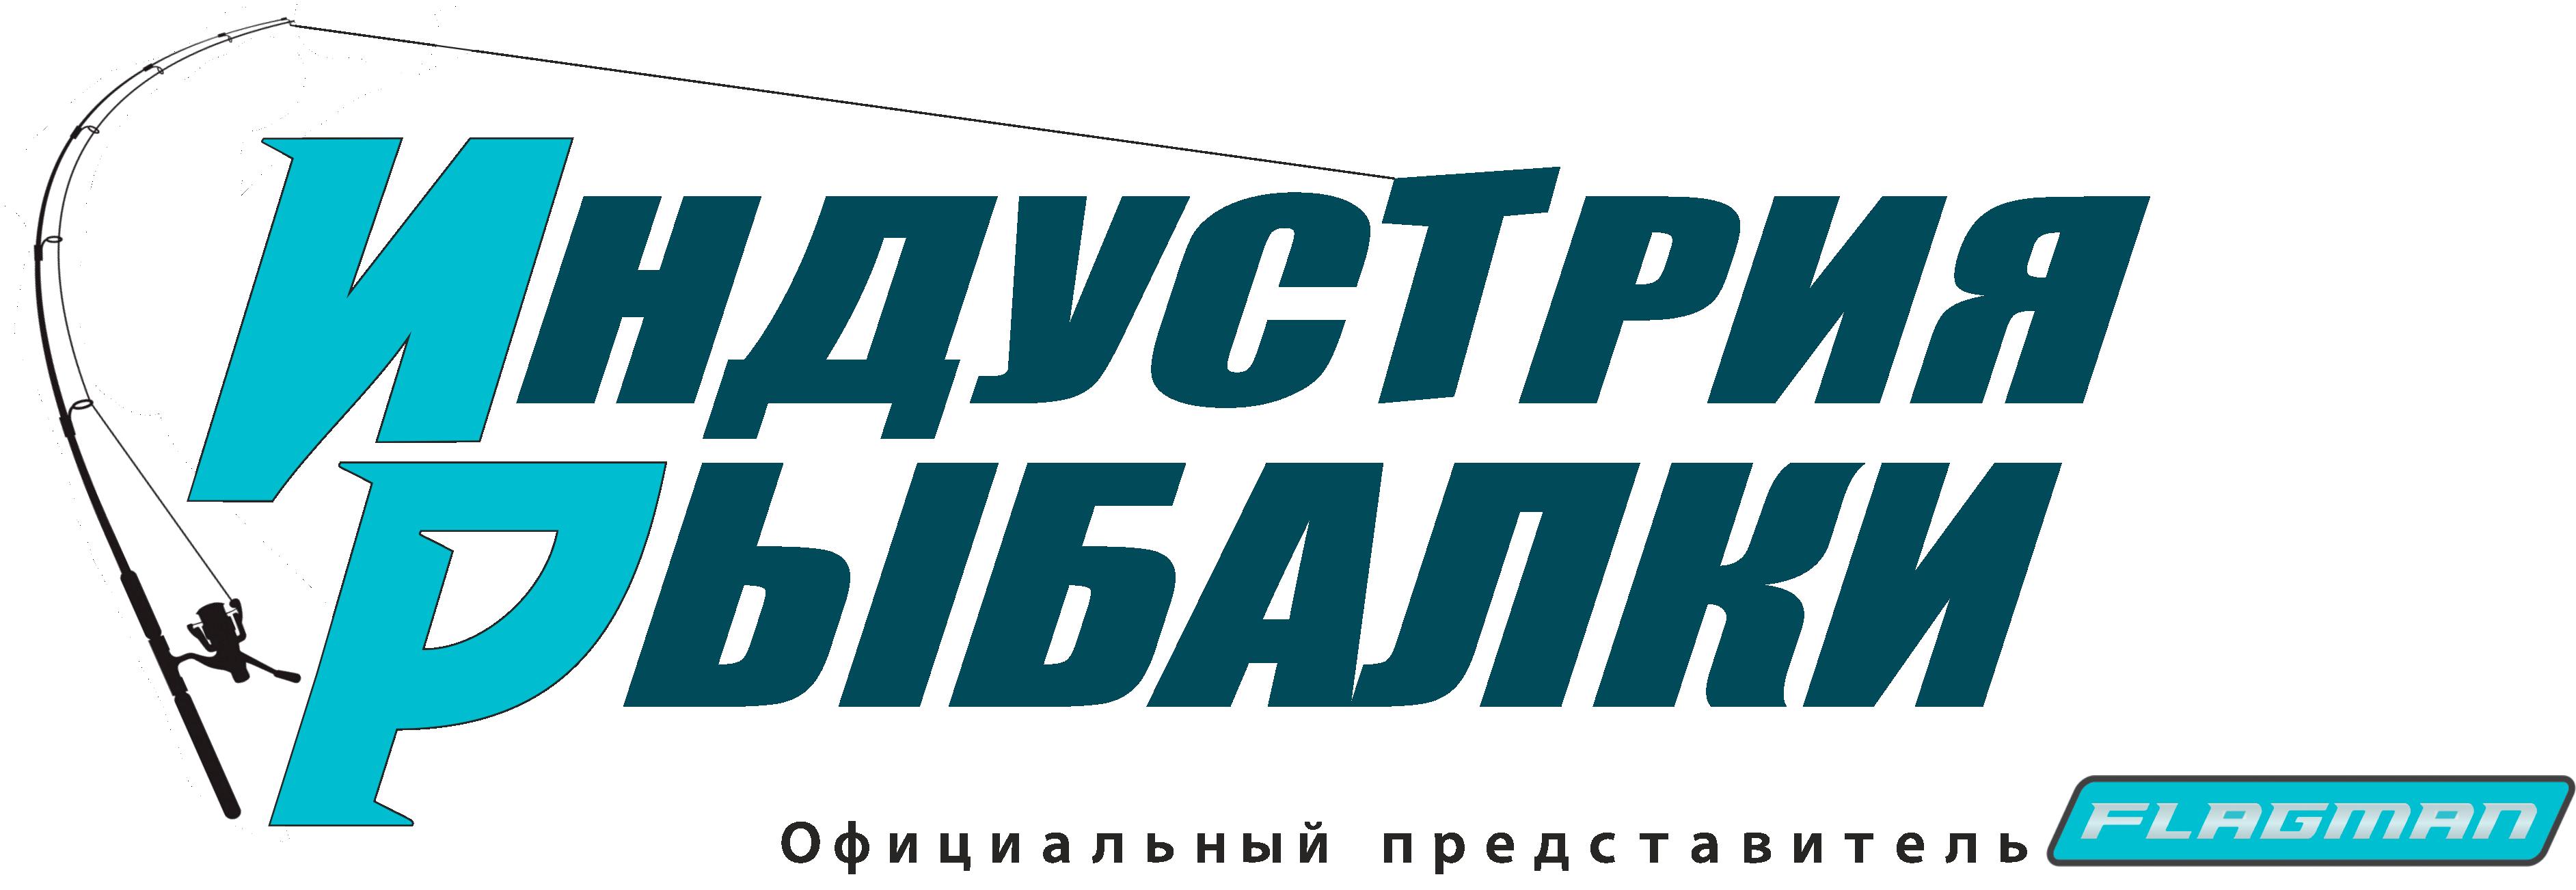 Индустрия Рыбалки - интернет-магазин рыболовных товаров Rusflagman.ru